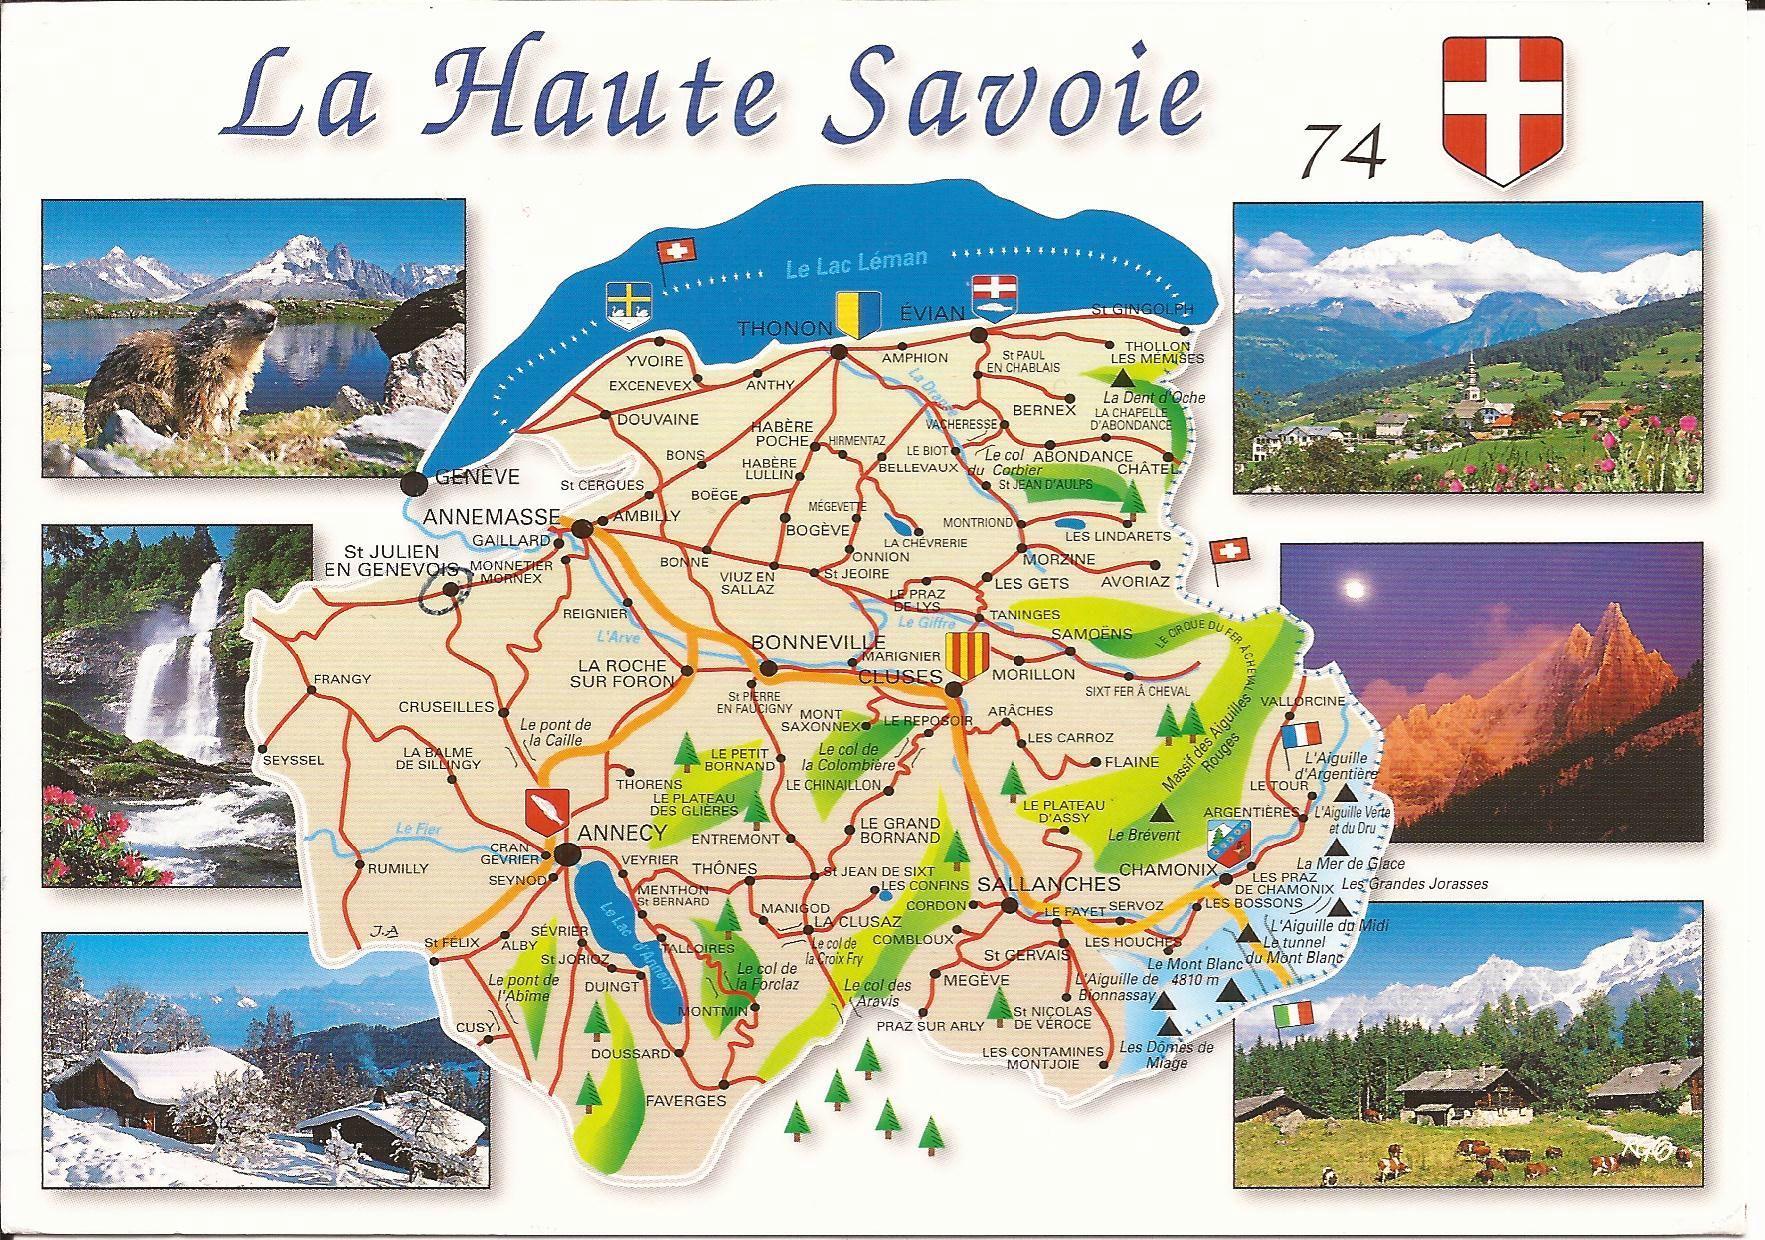 La Haute Savoie Haute Savoie Savoie Cruseilles